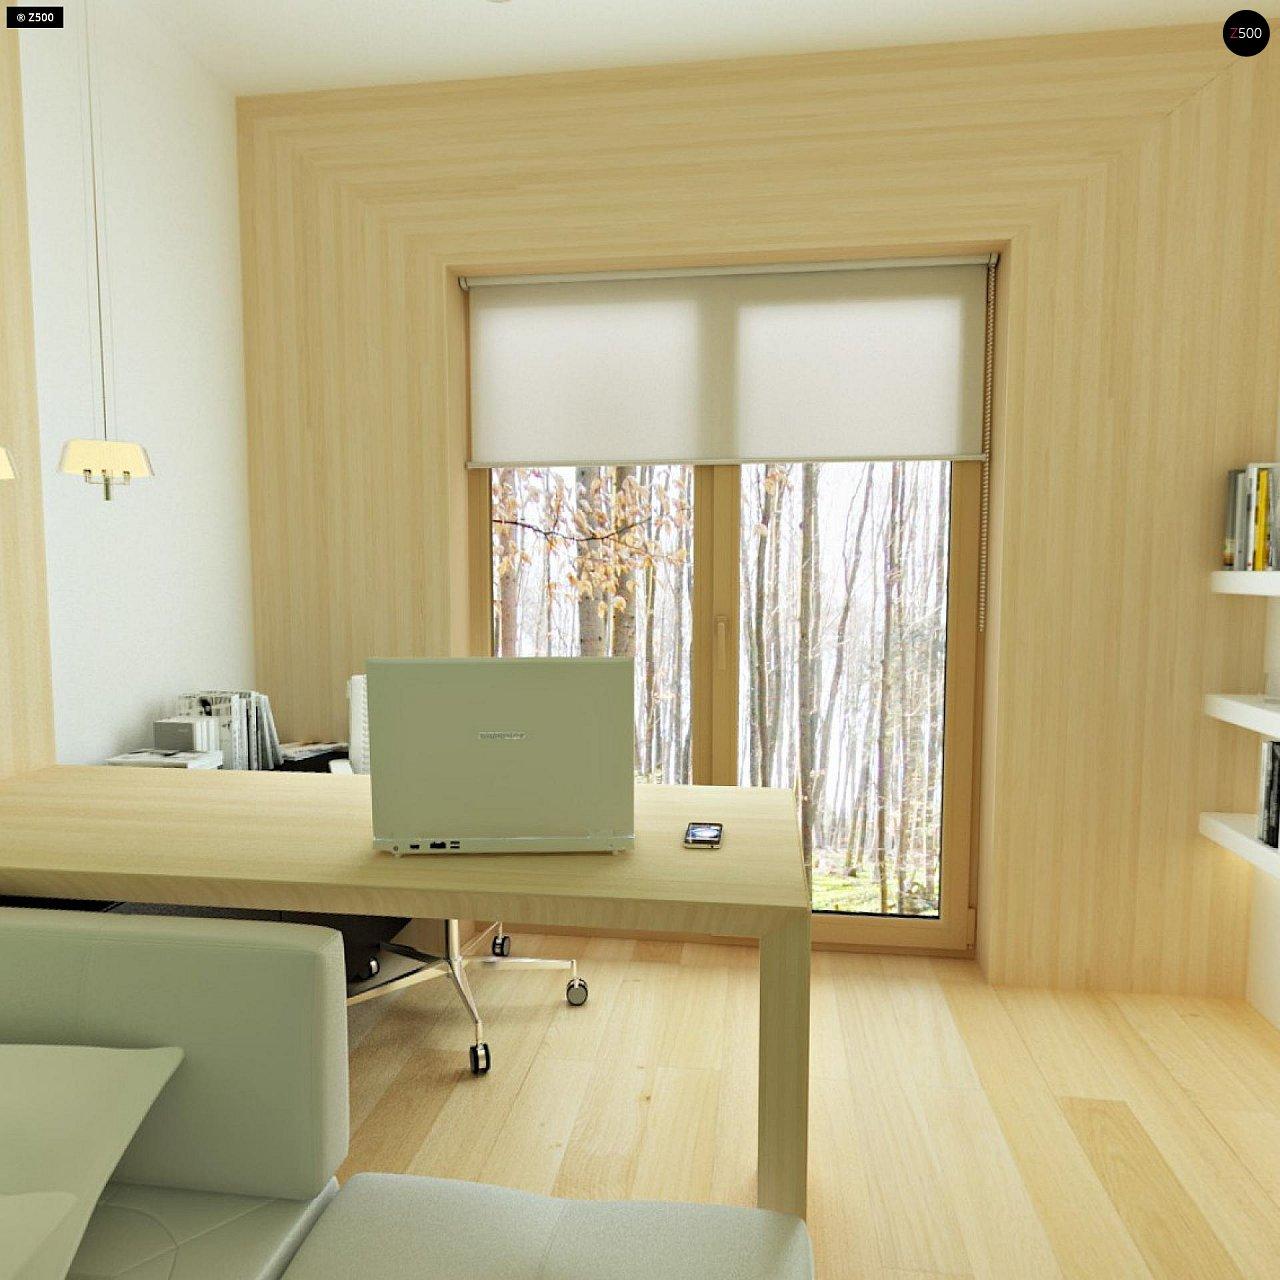 Двухэтажный дом, сочетающий традиционные формы и современный дизайн, с тремя спальнями и гаражом. 9